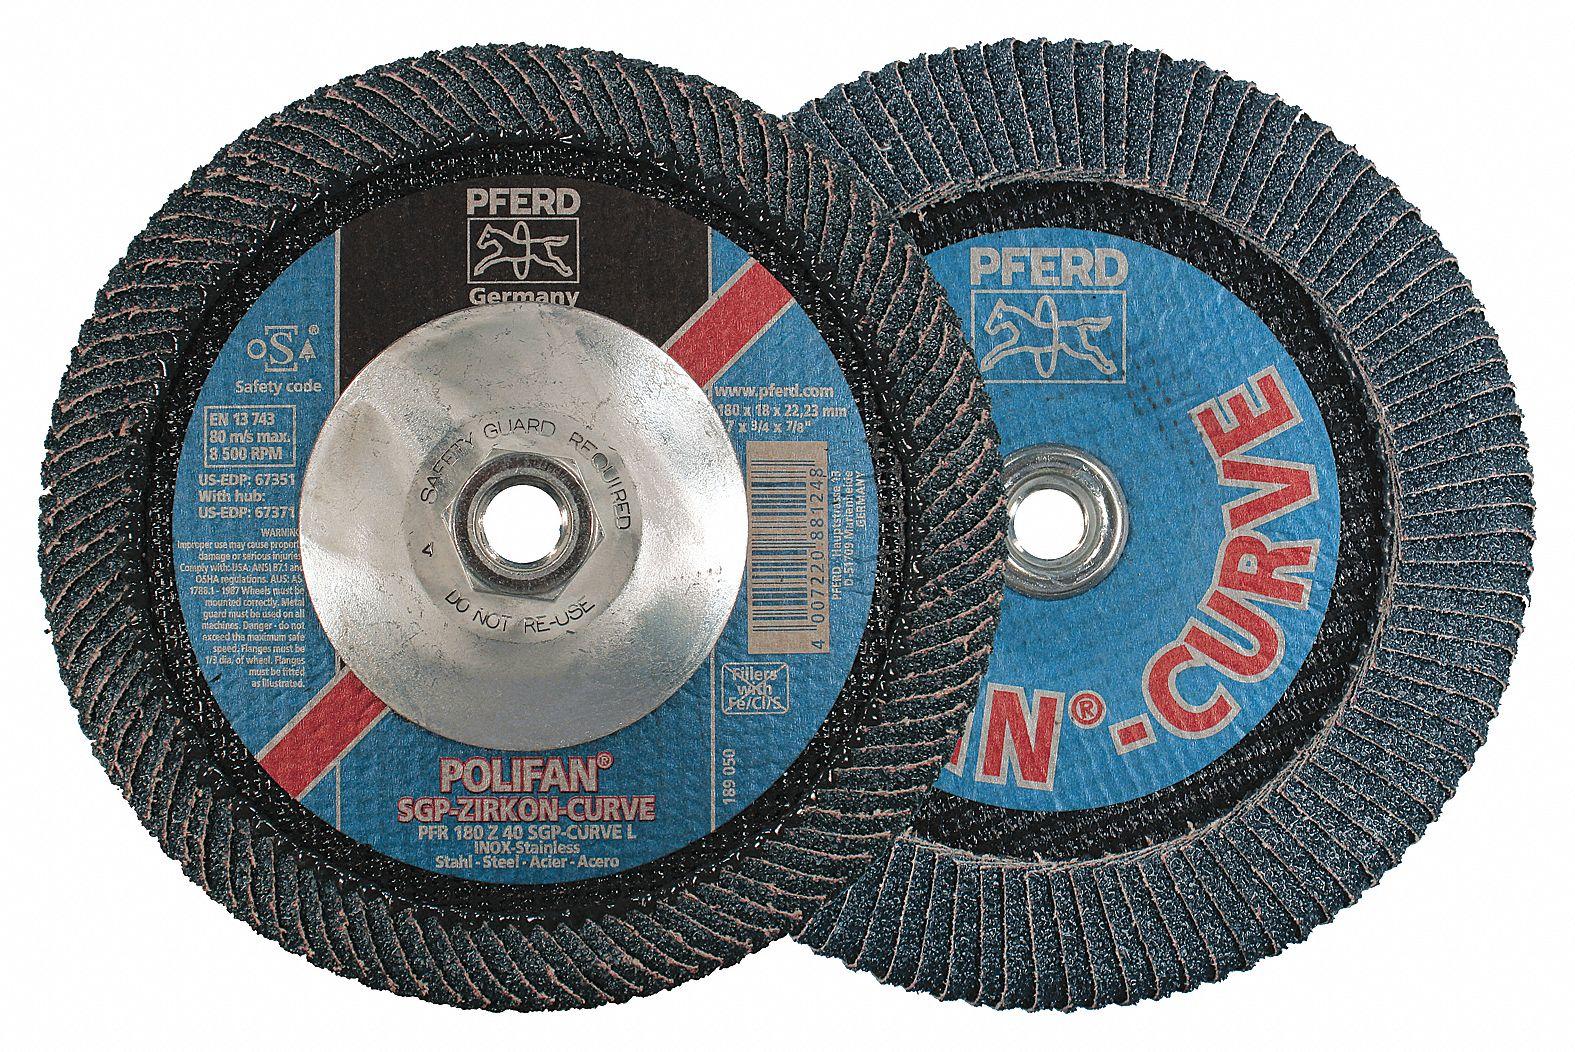 320 Grit 6 Diameter Pack of 50 PFERD 47385 Pressure Sensitive Adhesive Disc Aluminum Oxide A